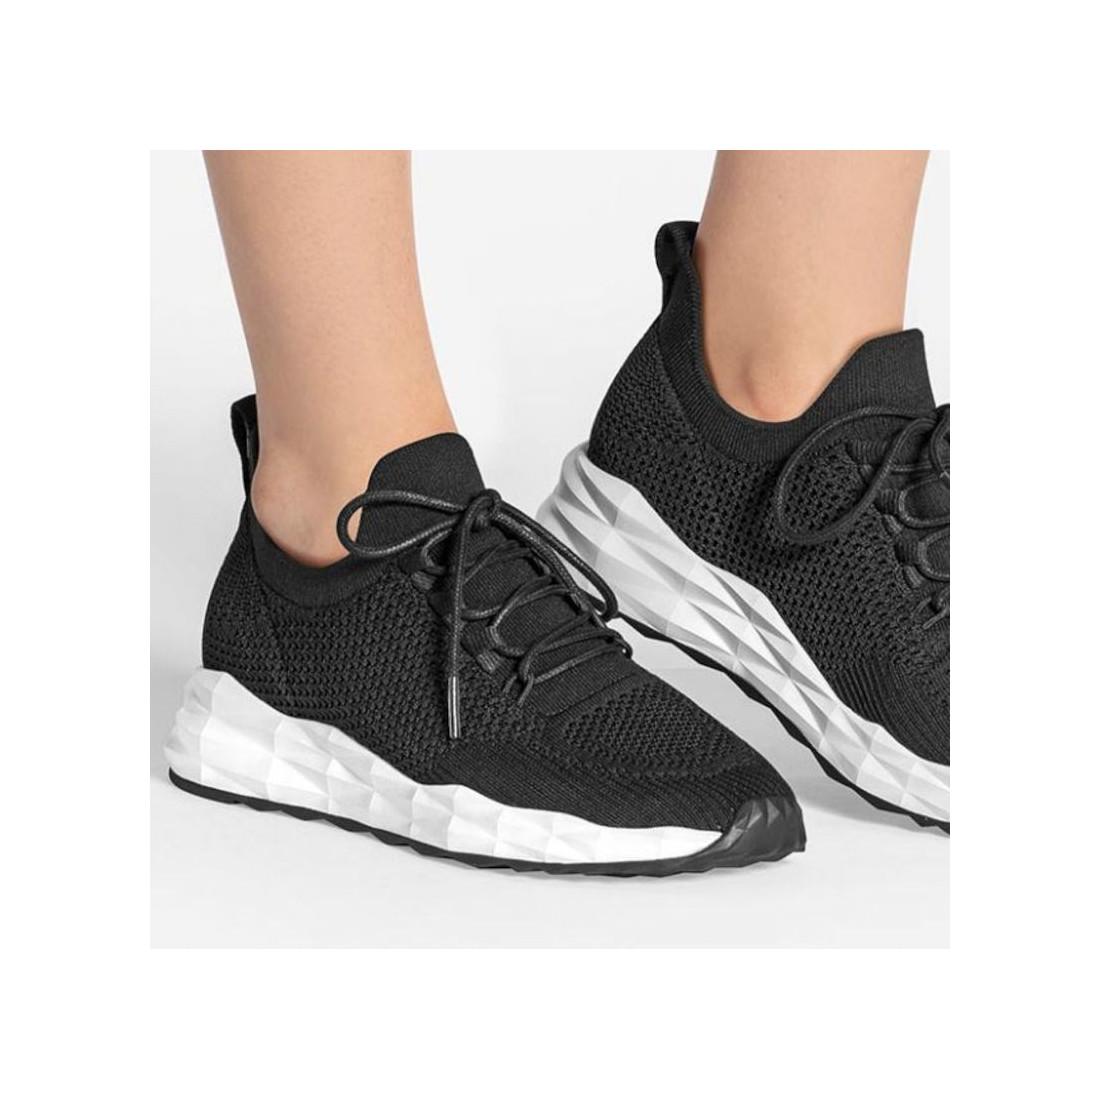 sneakers woman ash skate002 8186